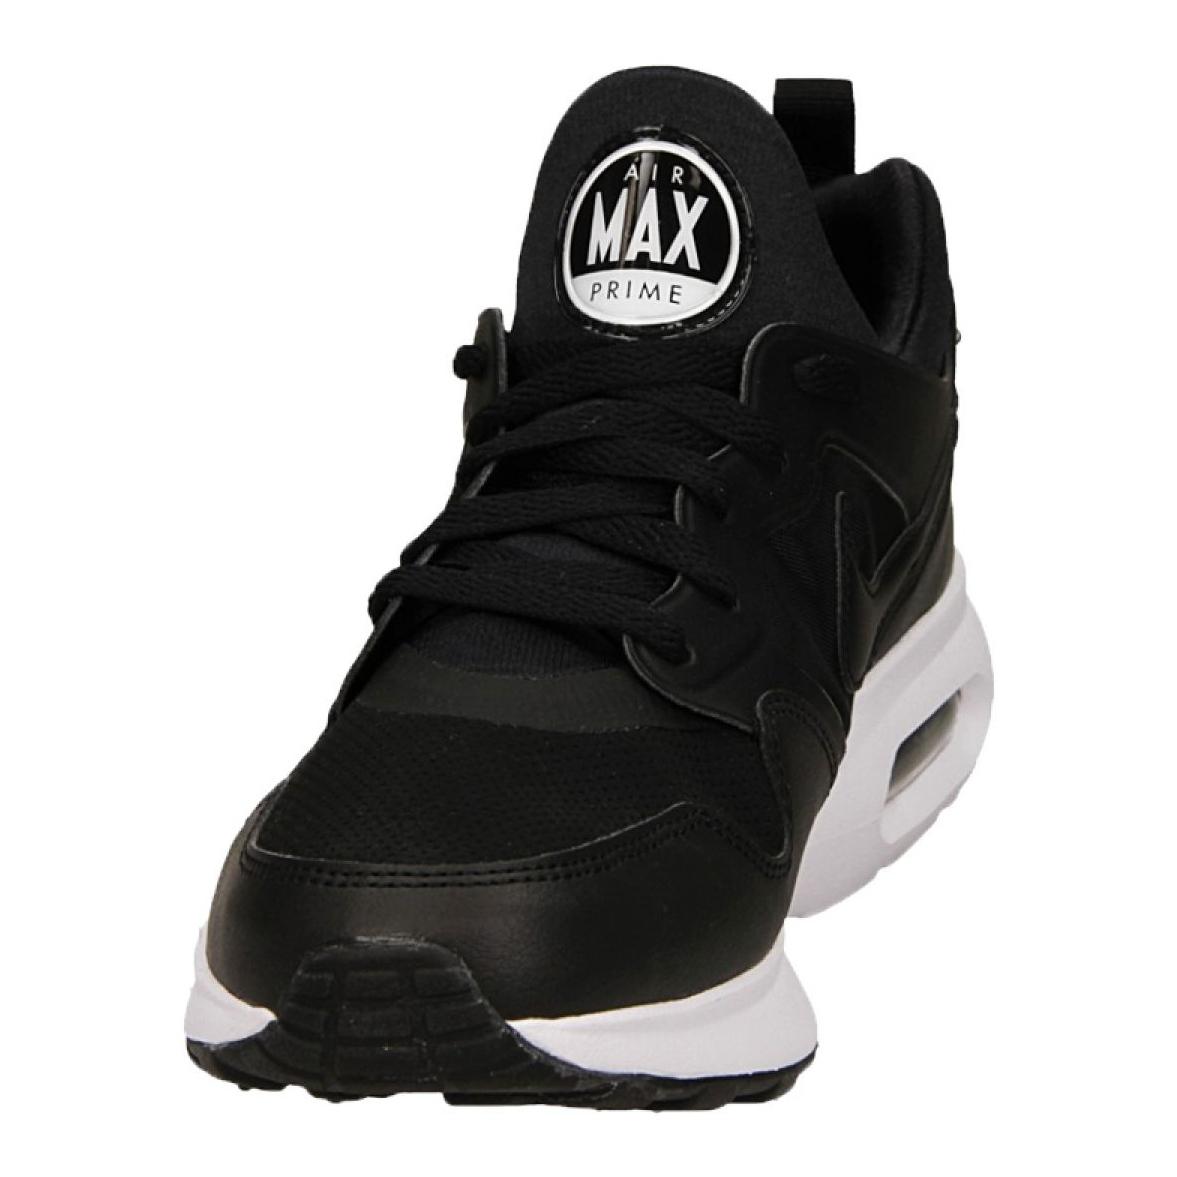 air max prime sl